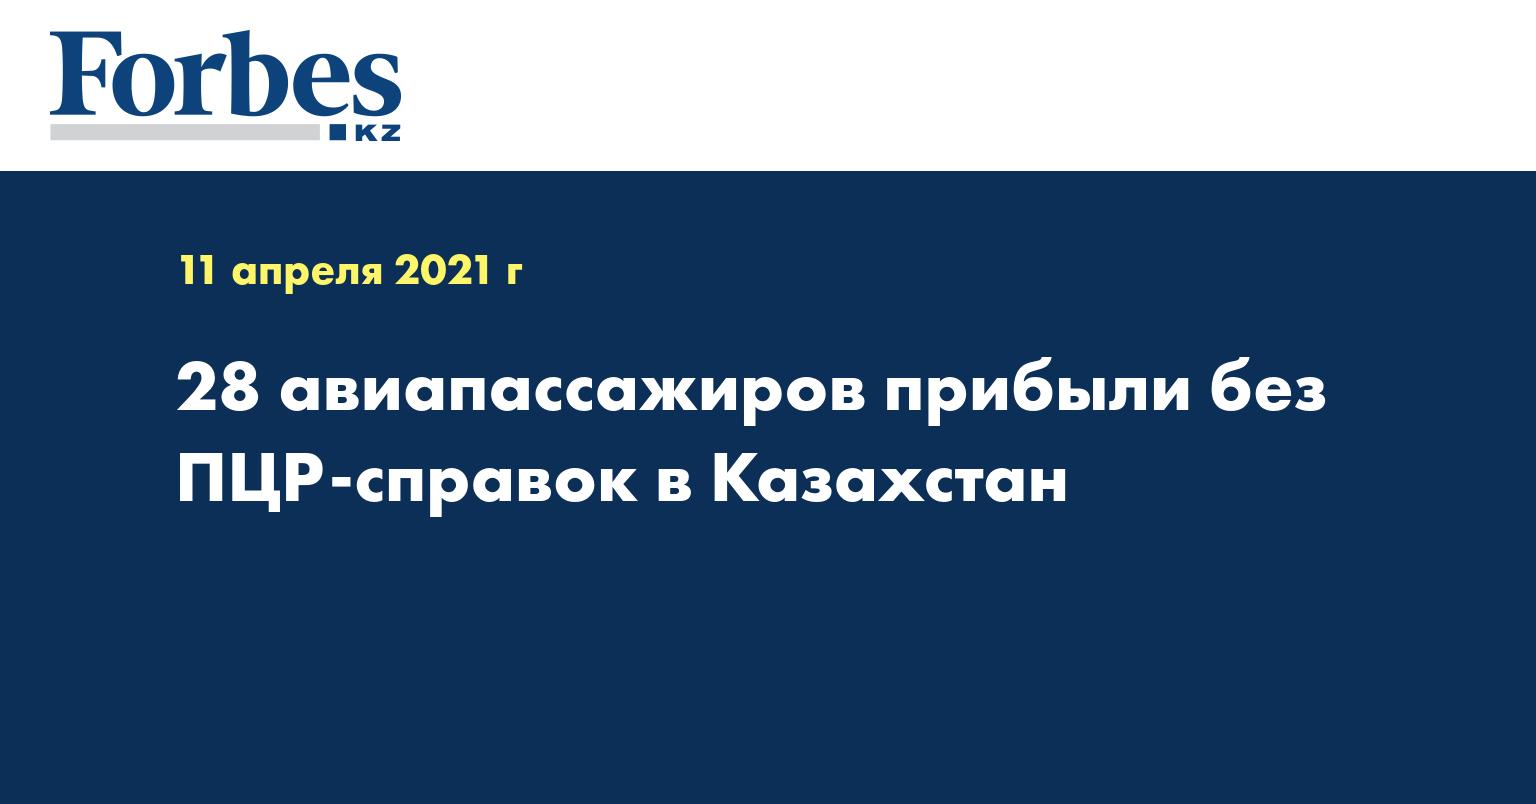 28 авиапассажиров прибыли без ПЦР-справок в Казахстан